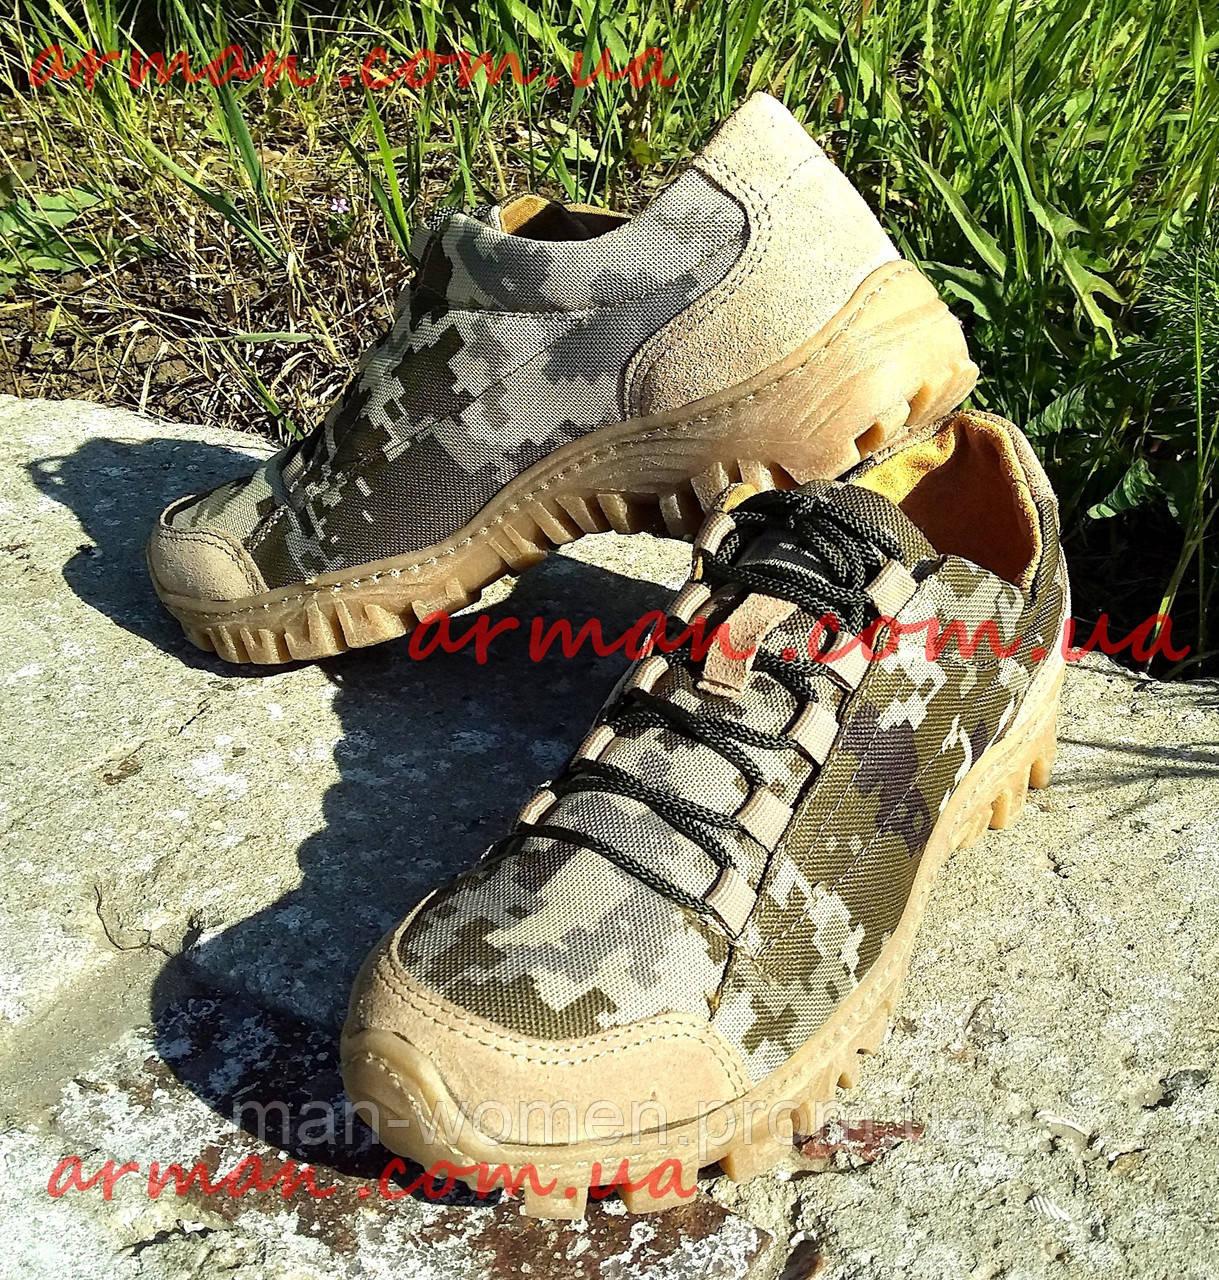 Тактические кроссовки. Для активного отдыха, туризма, копа. Замша+кордура. ВСУ